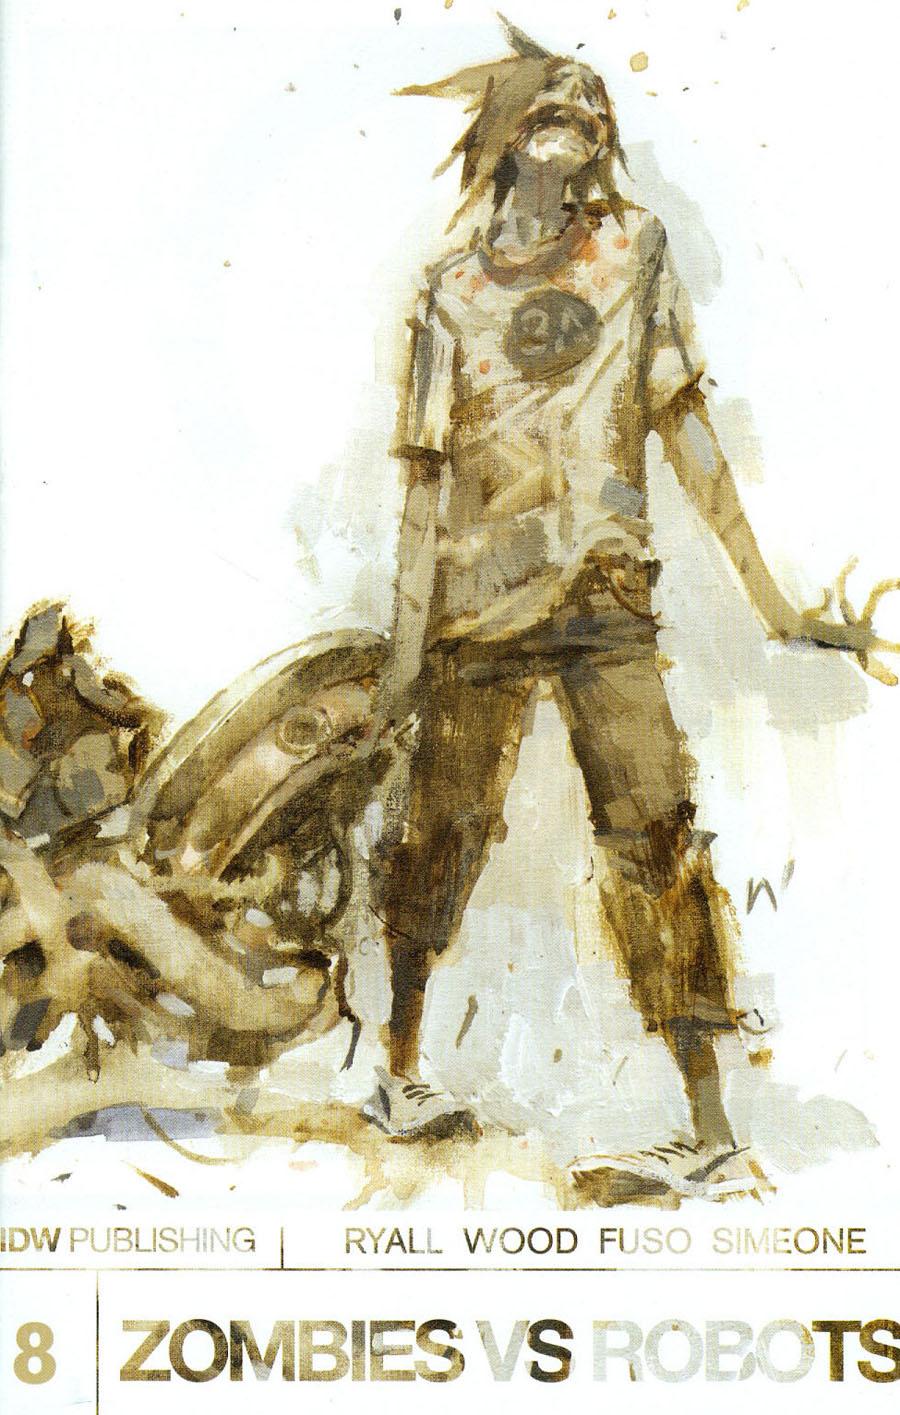 Zombies vs Robots Vol 2 #8 Cover A Regular Ashley Wood Cover